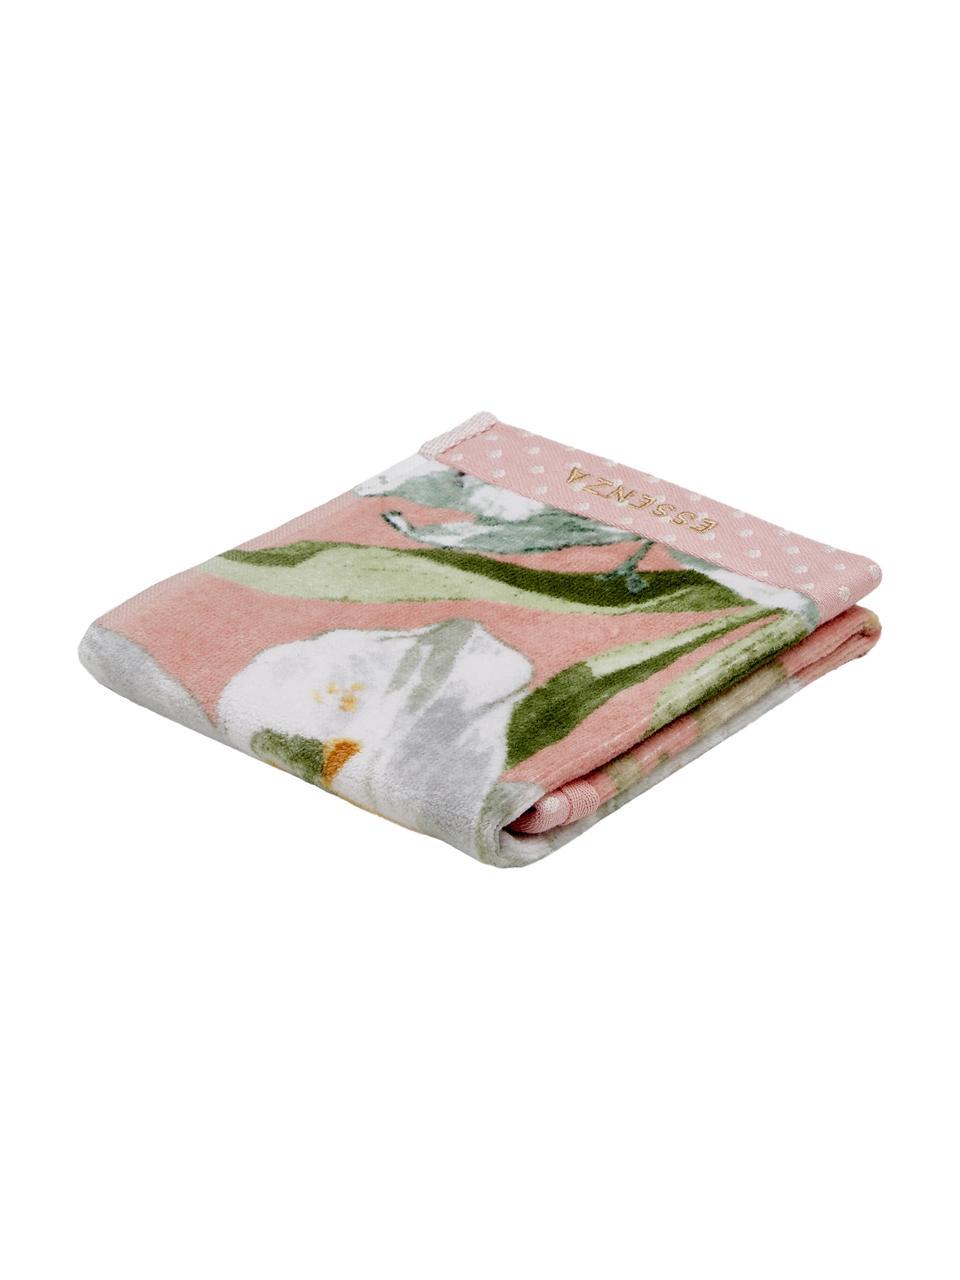 Handdoek Rosalee in verschillende formaten, met bloemenpatroon, 100% biokatoen, GOTS-gecertificeerd, Roze, wit, groen, oranje, Gastendoekje